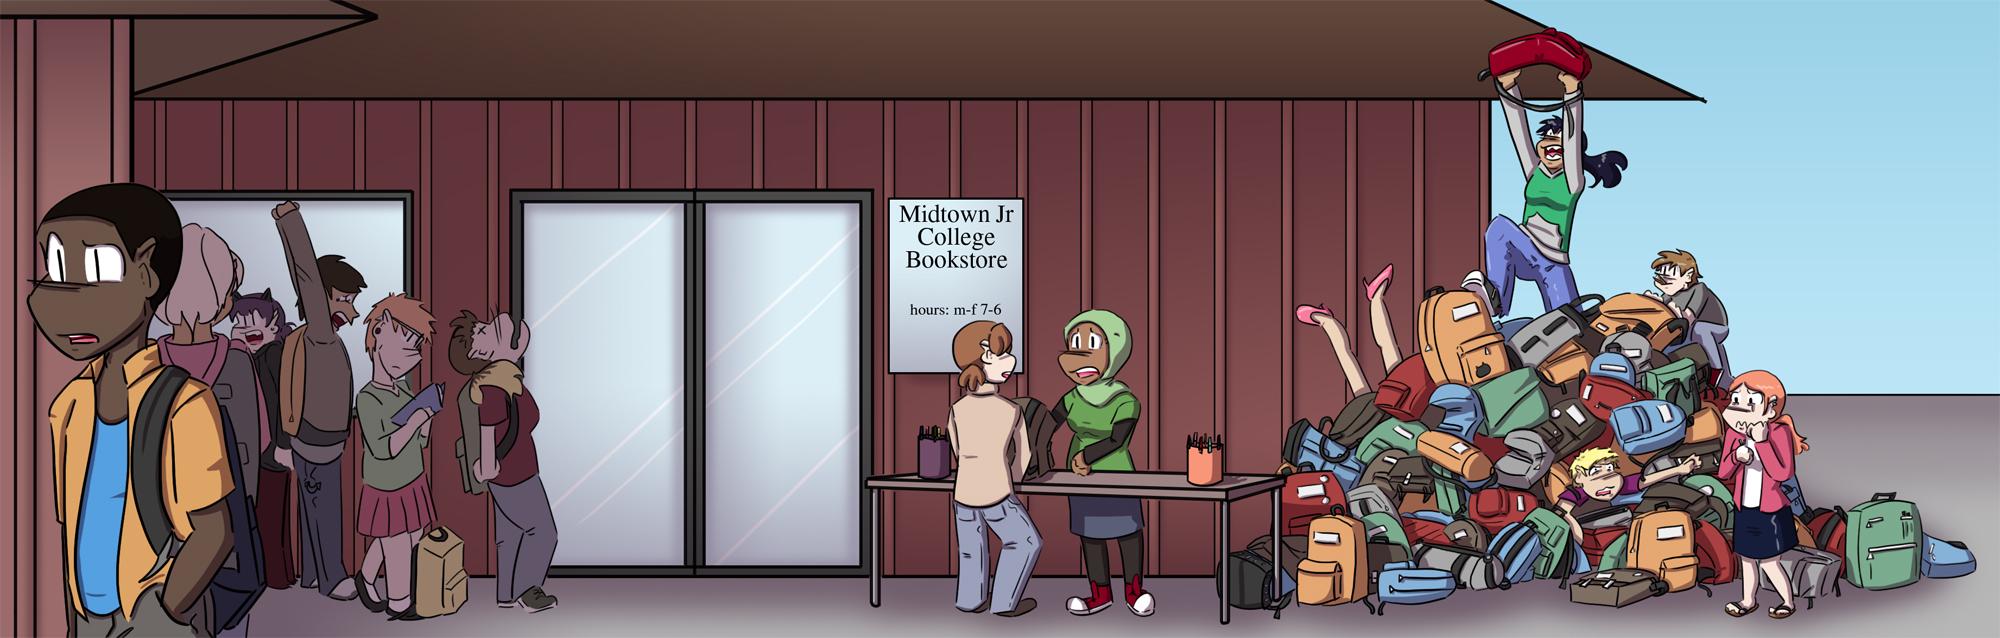 bookstoredenizens